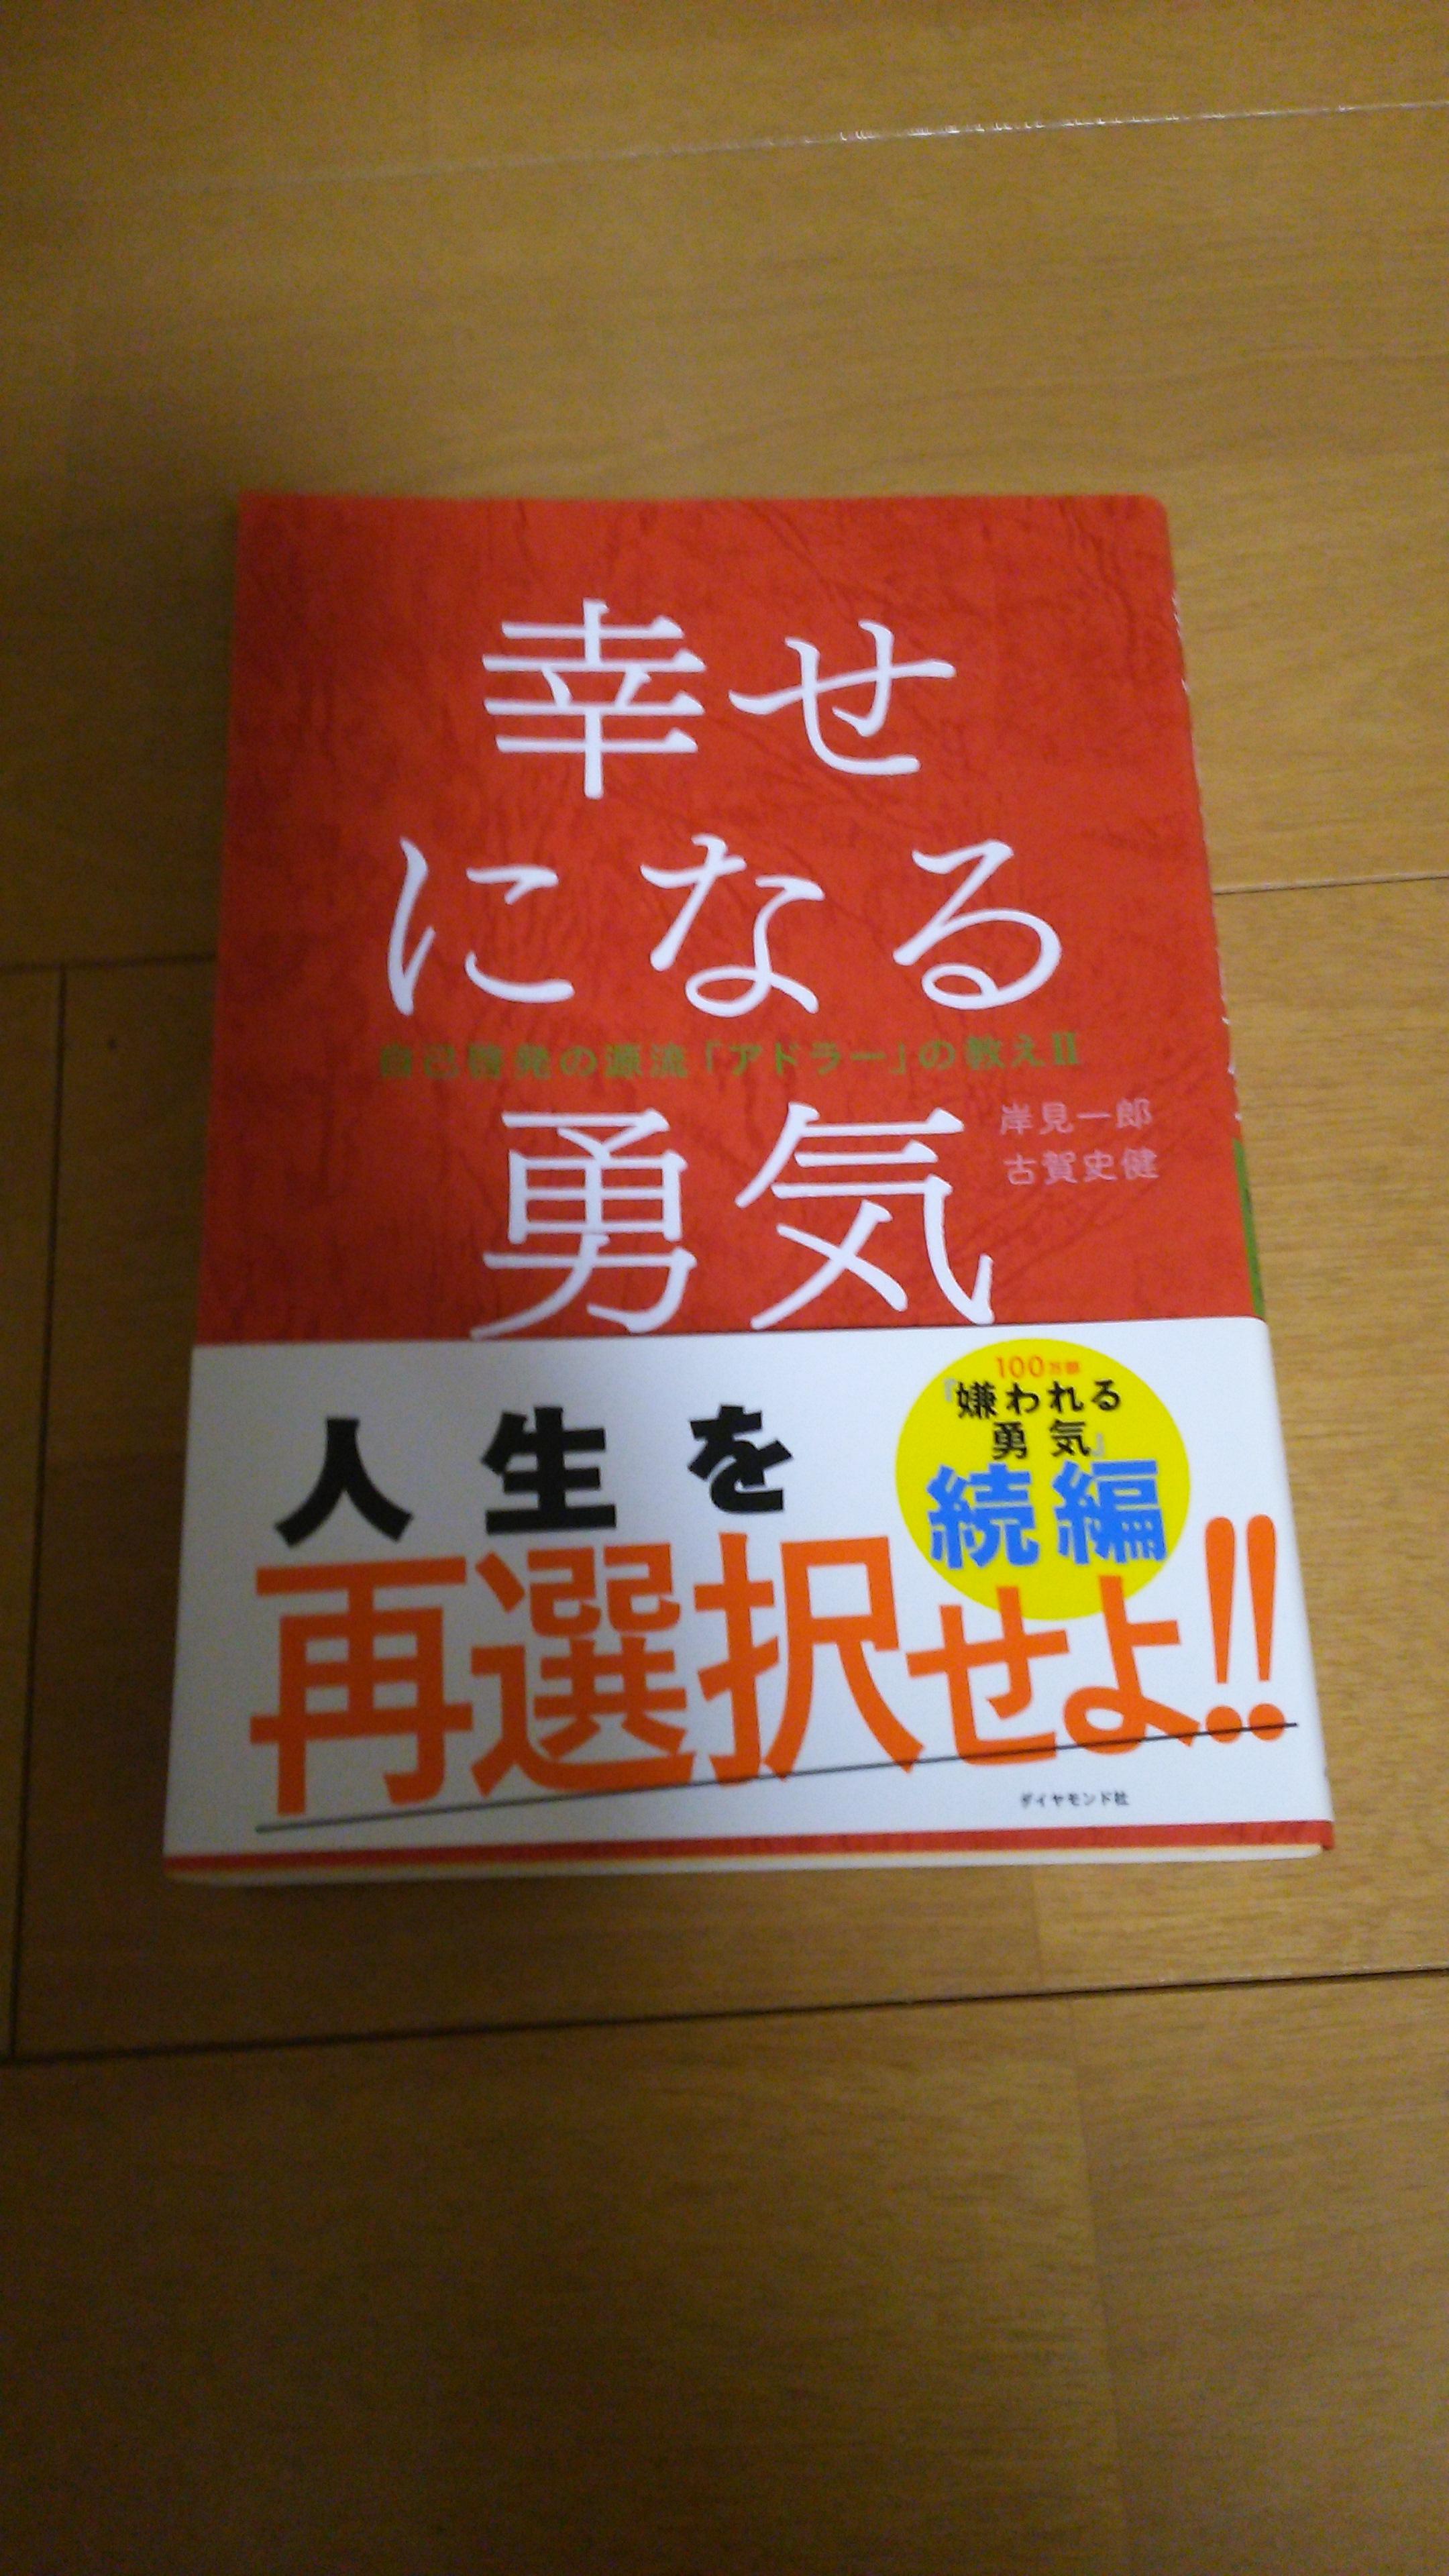 アドラーの「幸せになる勇気」の本を読んだ感想!!